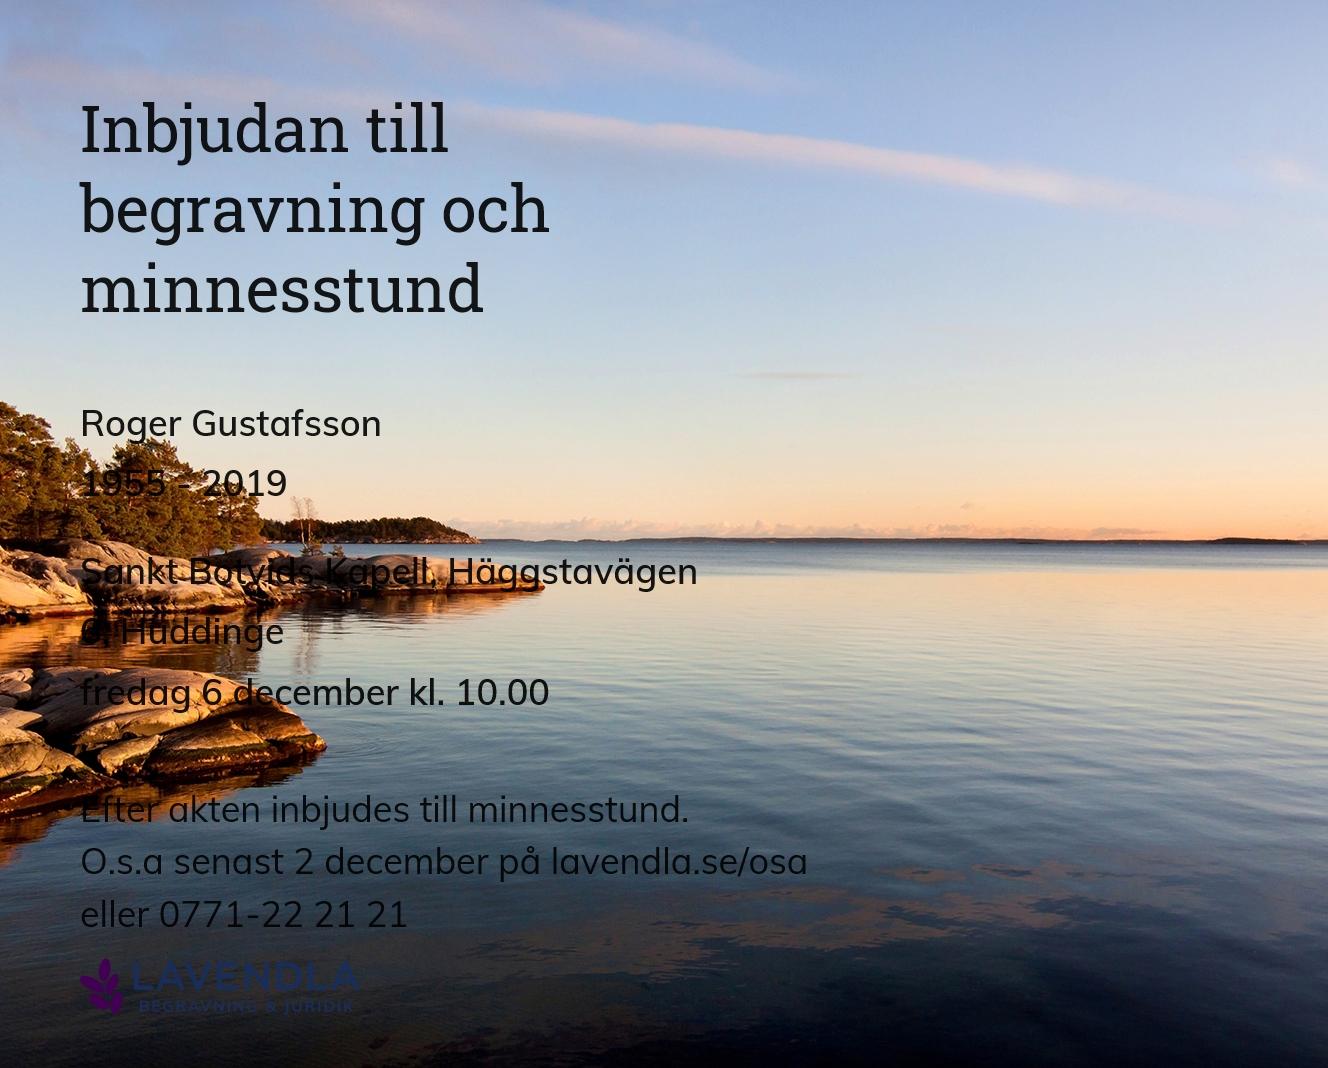 Inbjudningskort till ceremonin för Roger Gustafsson